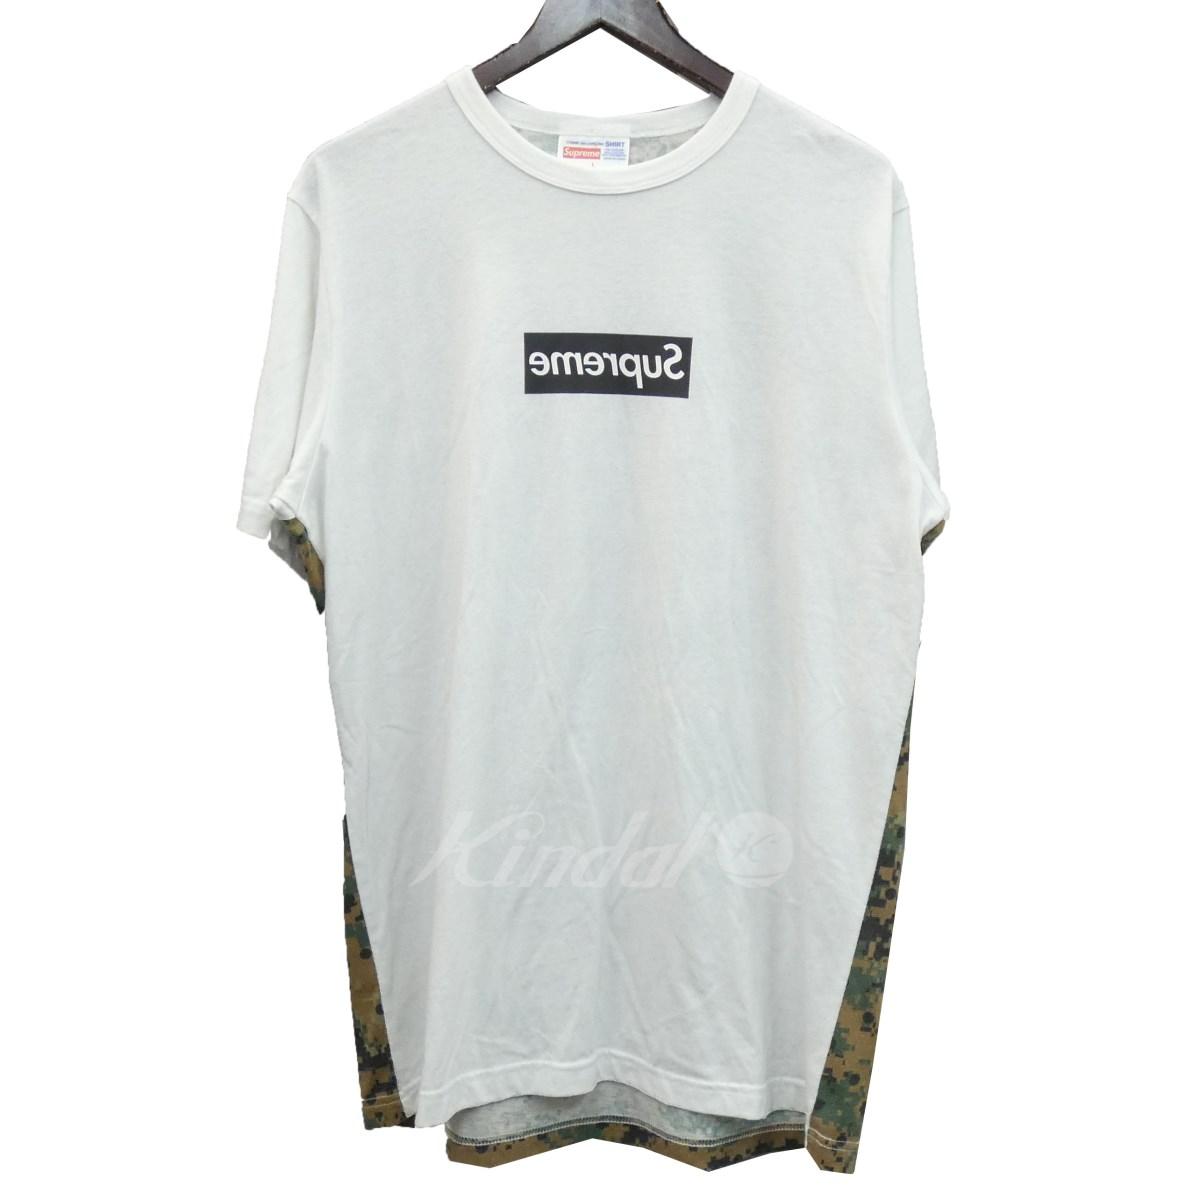 【中古】SUPREME×CdG SHIRT 13SS「Mirror Box Logo Tee」デジタルカモ切替ミラーボックスロゴTシャツ ホワイト サイズ:L 【020619】(シュプリーム コムデギャルソンシャツ)